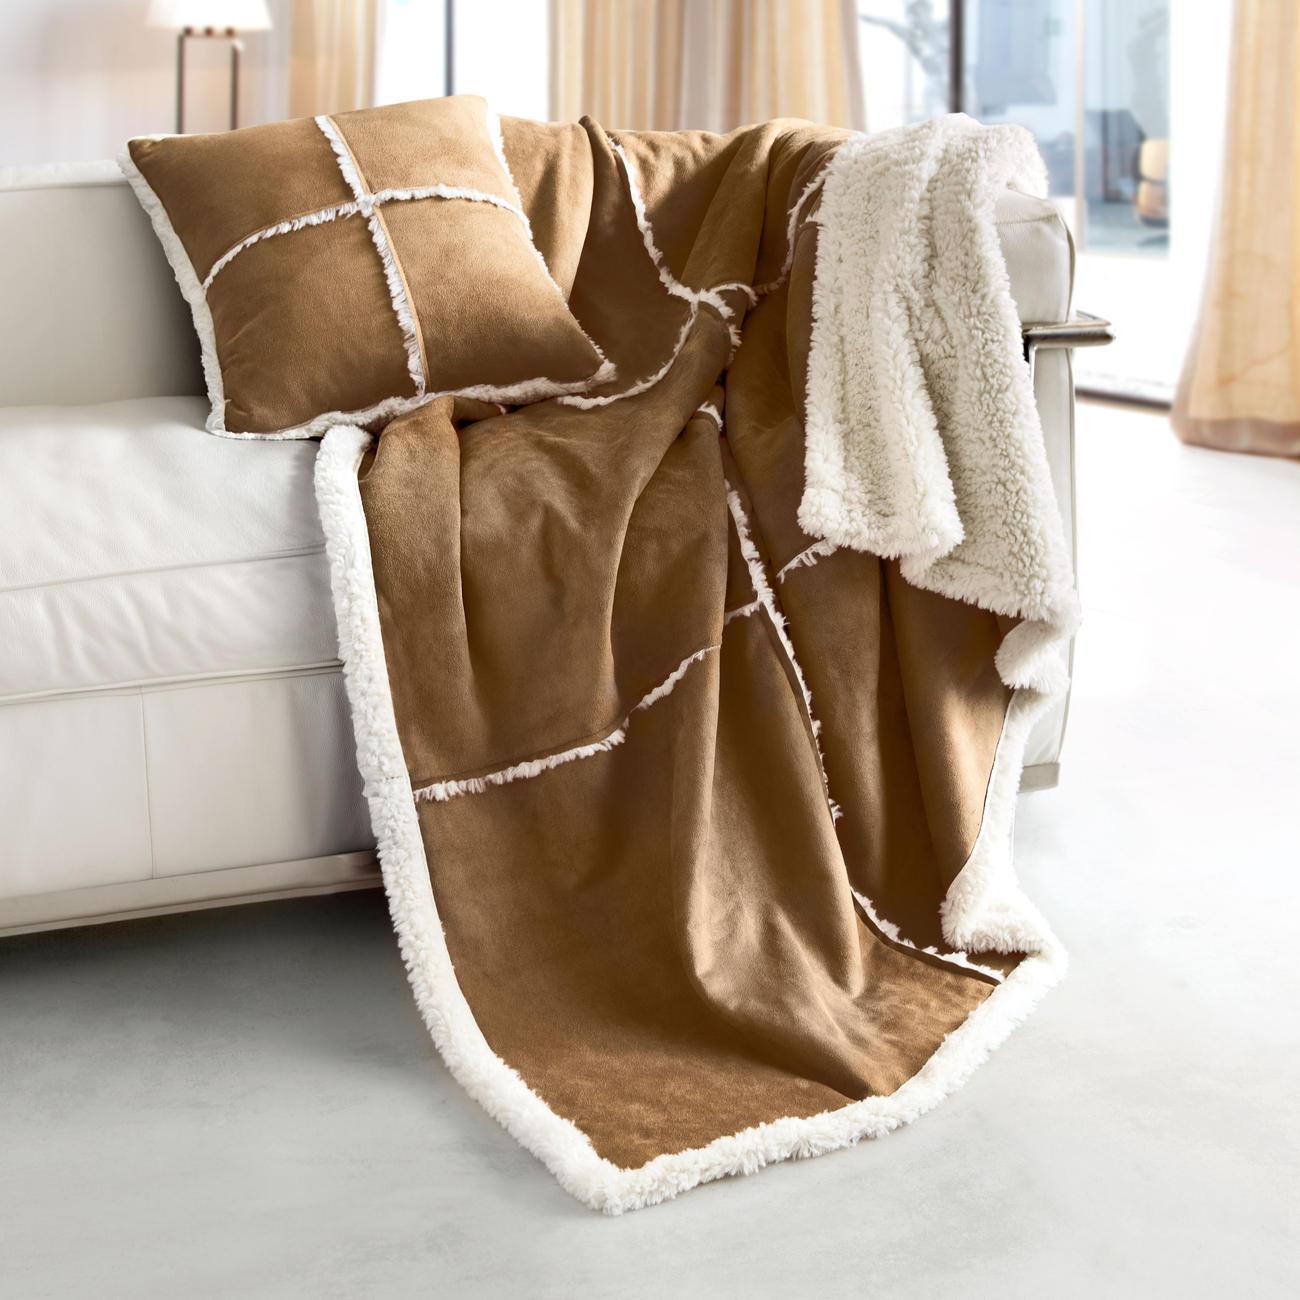 plaid kissen lammfell look mit 3 jahren garantie. Black Bedroom Furniture Sets. Home Design Ideas